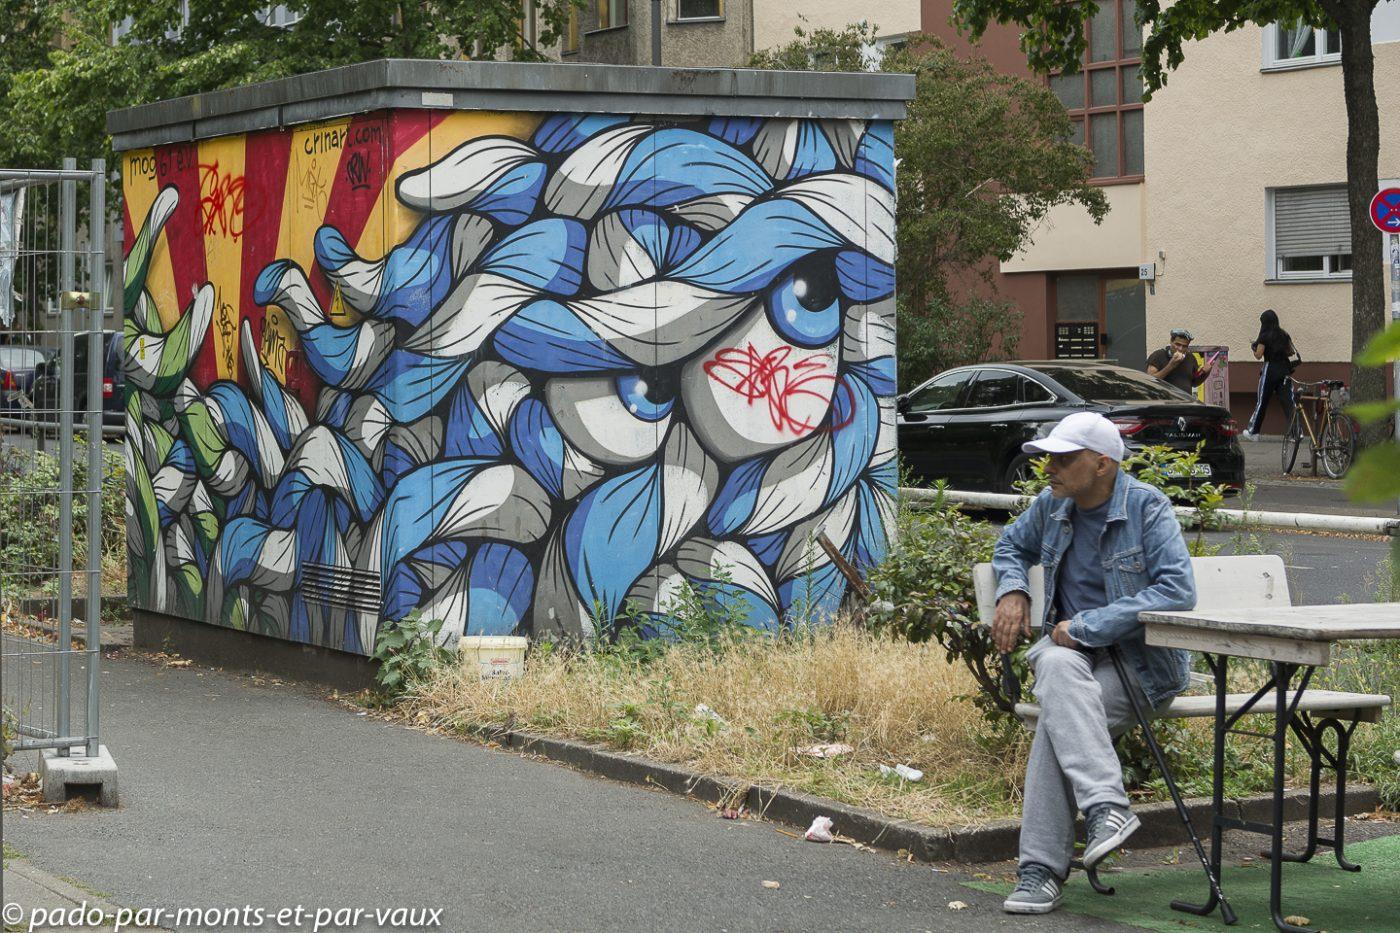 Street art Berlin - Friedrichschain